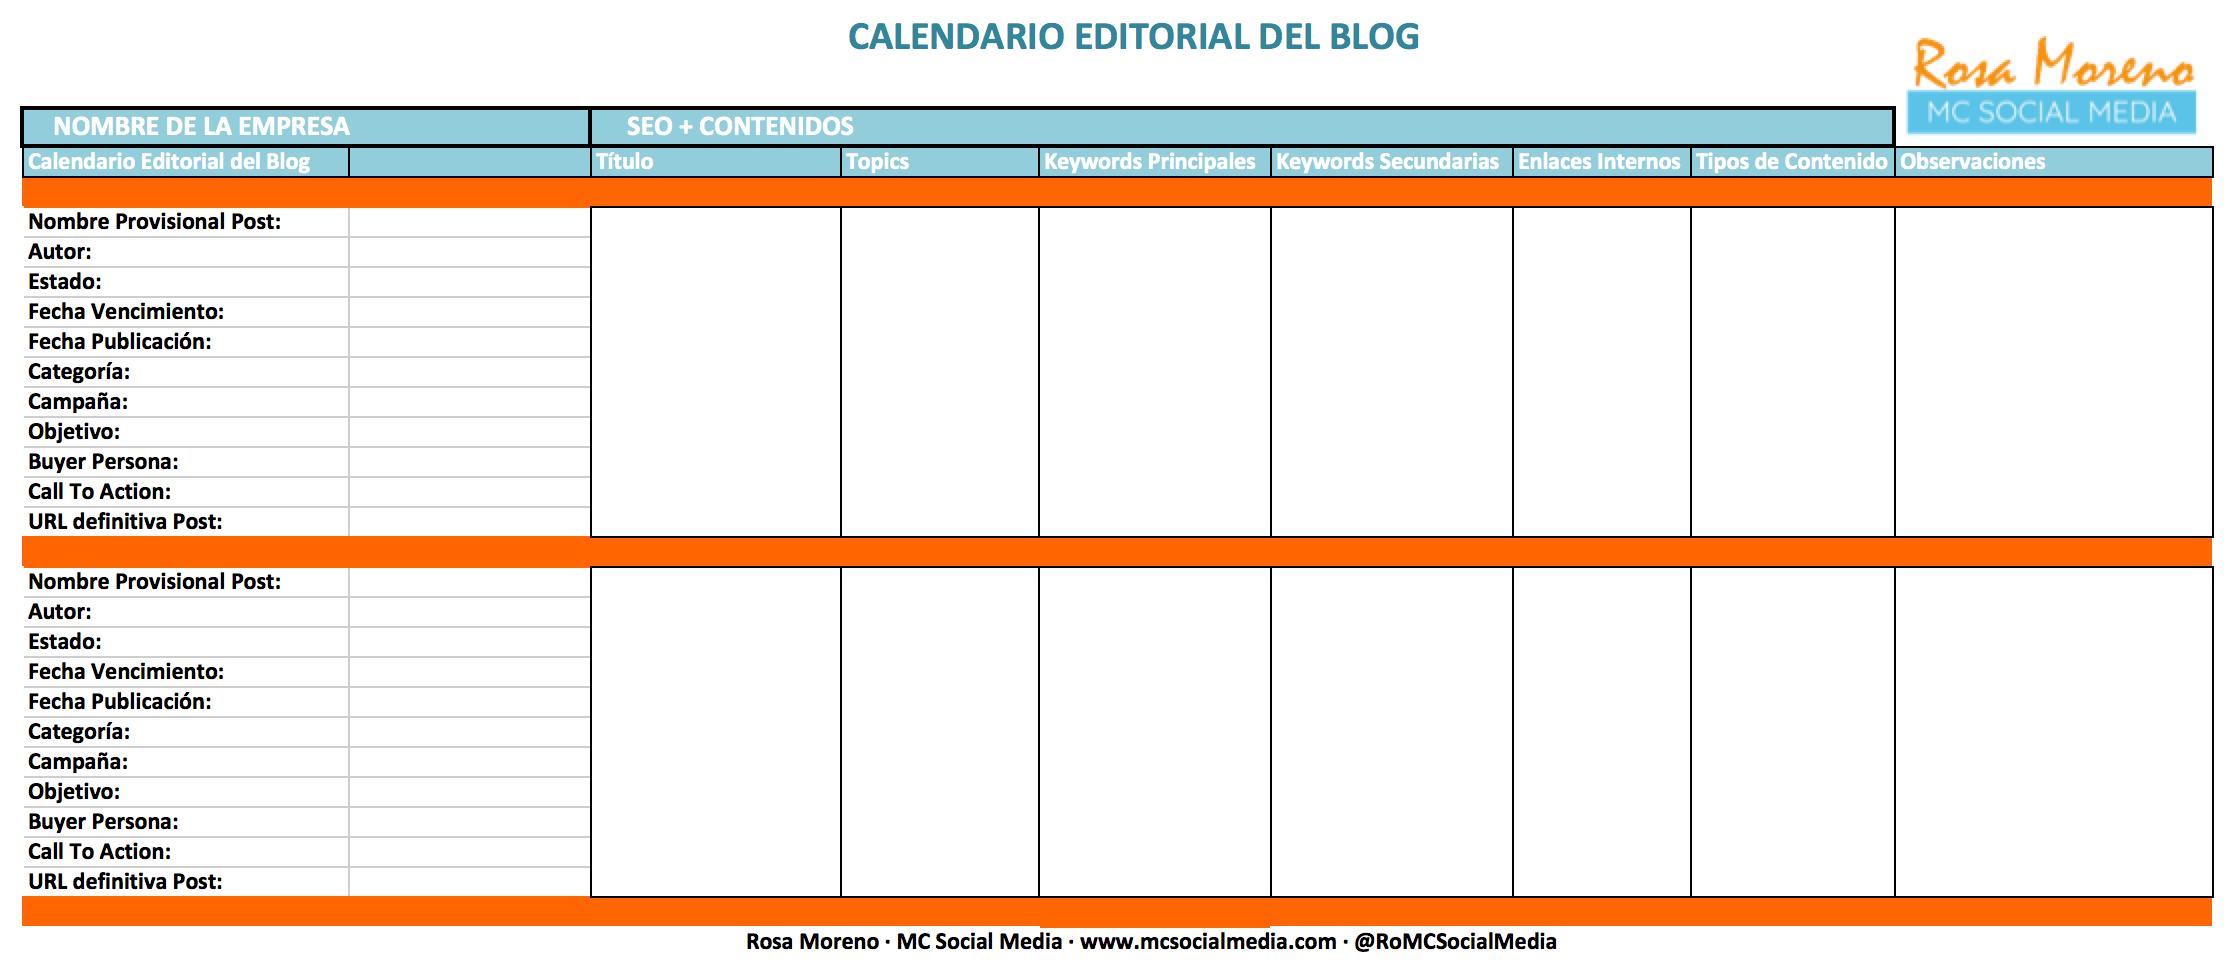 Calendario Editorial del Blog